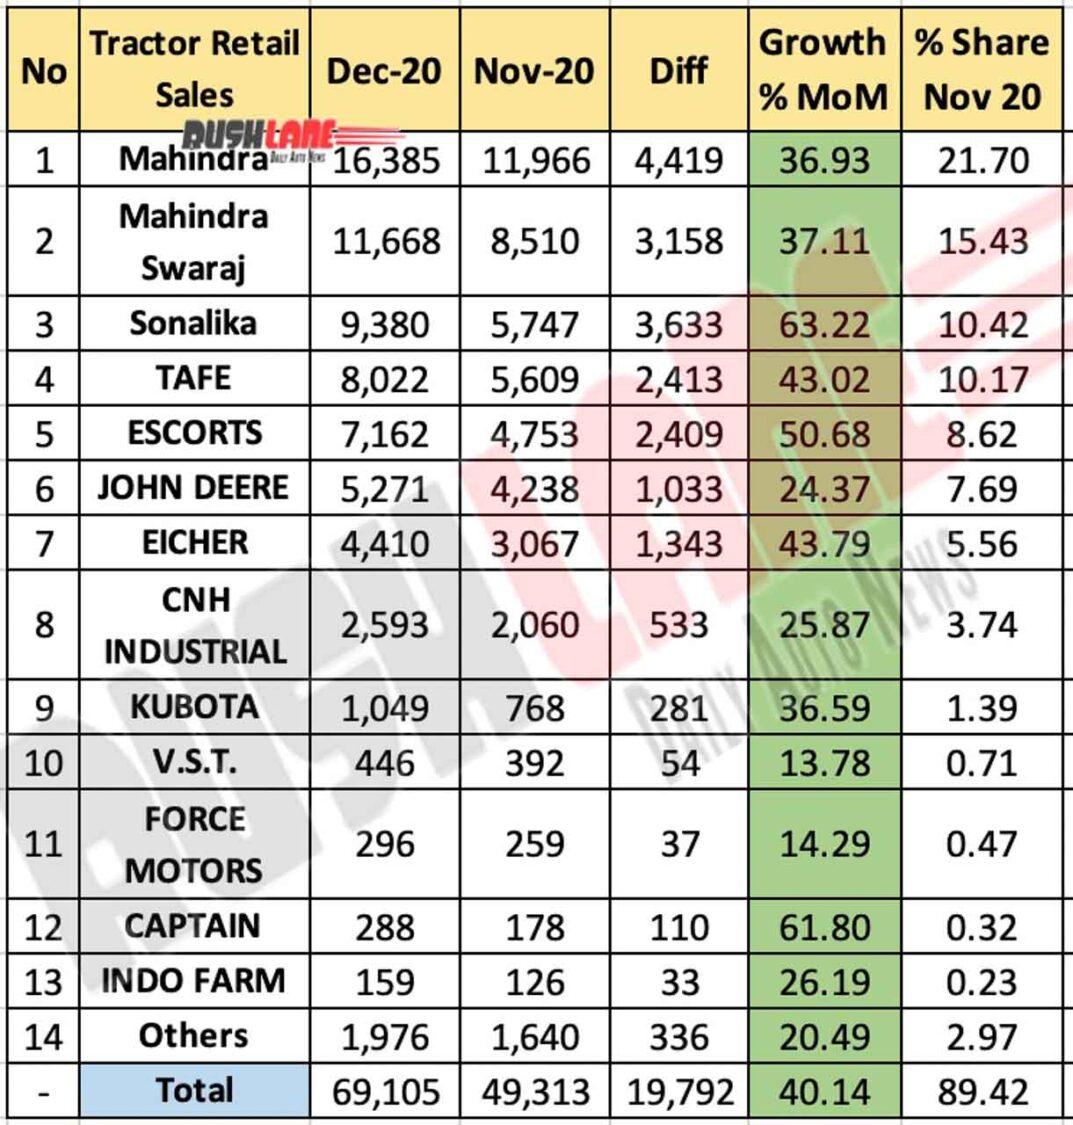 Tractor Retail Sales Dec 2020